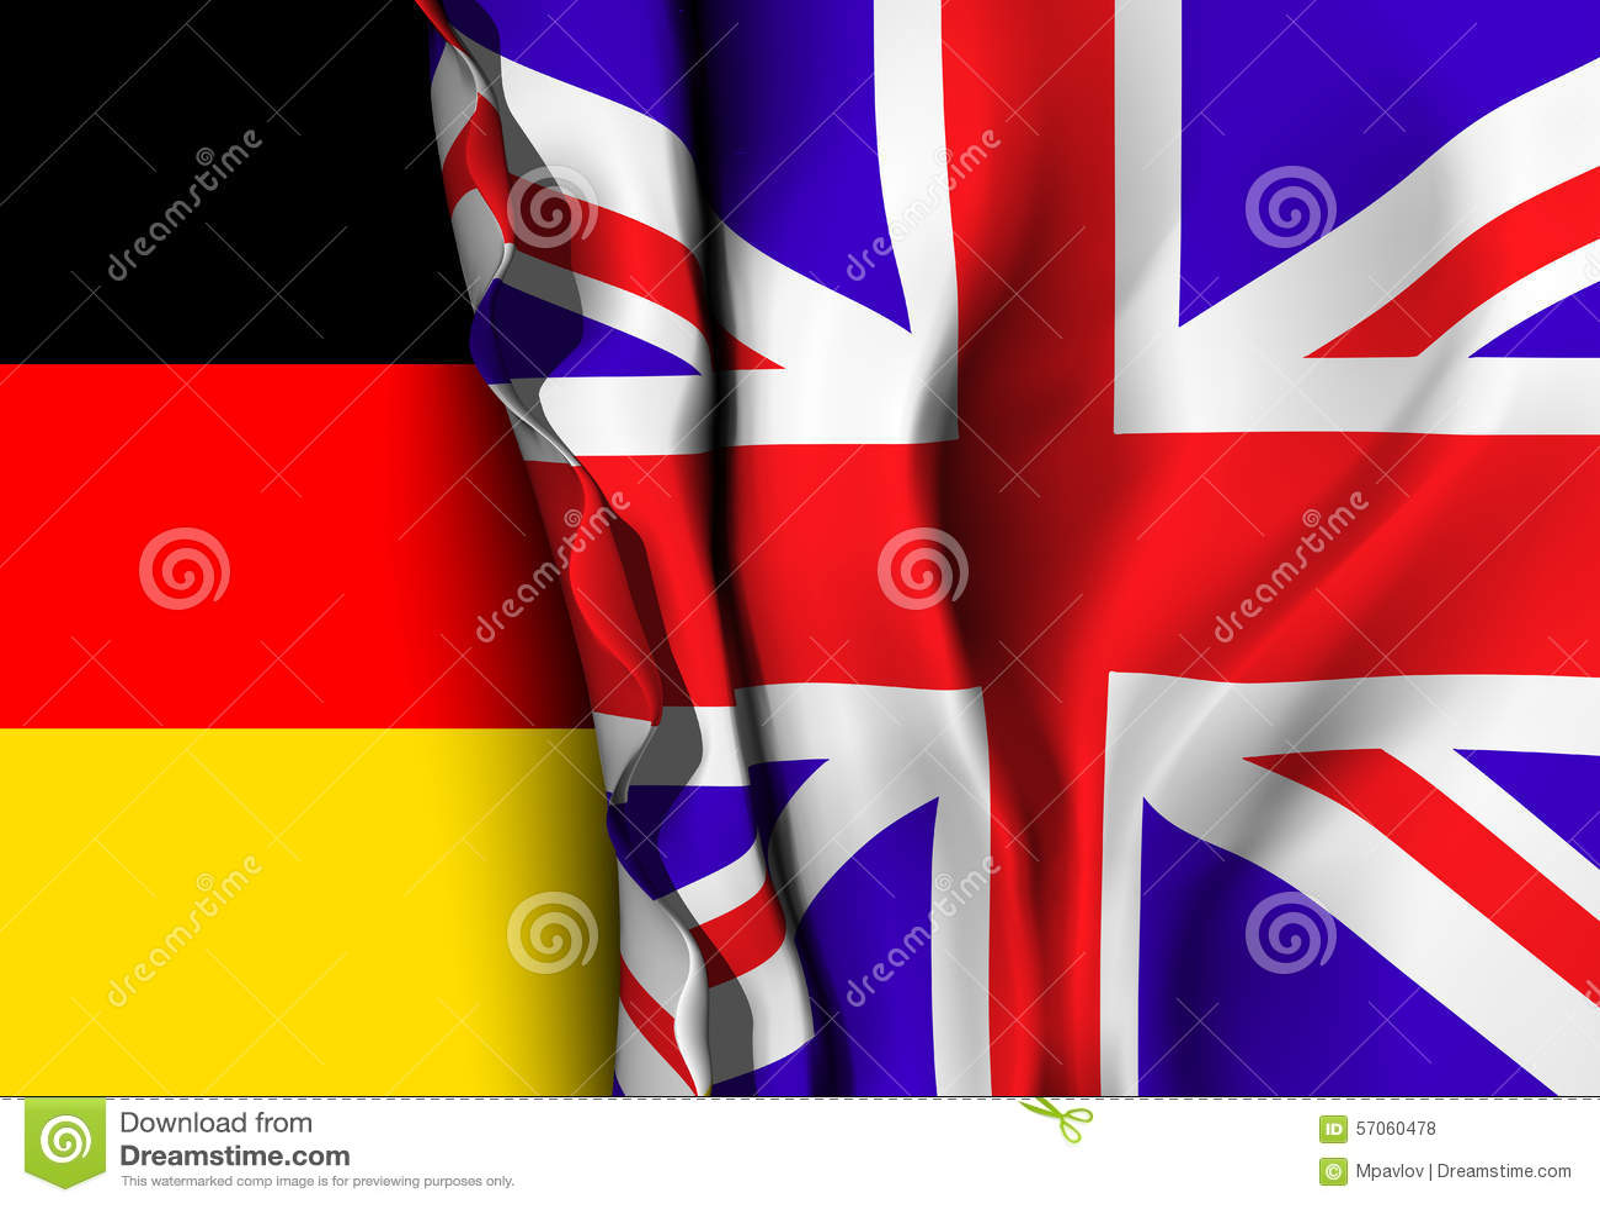 Vlag van het Verenigd Koninkrijk over de Duitse vlag